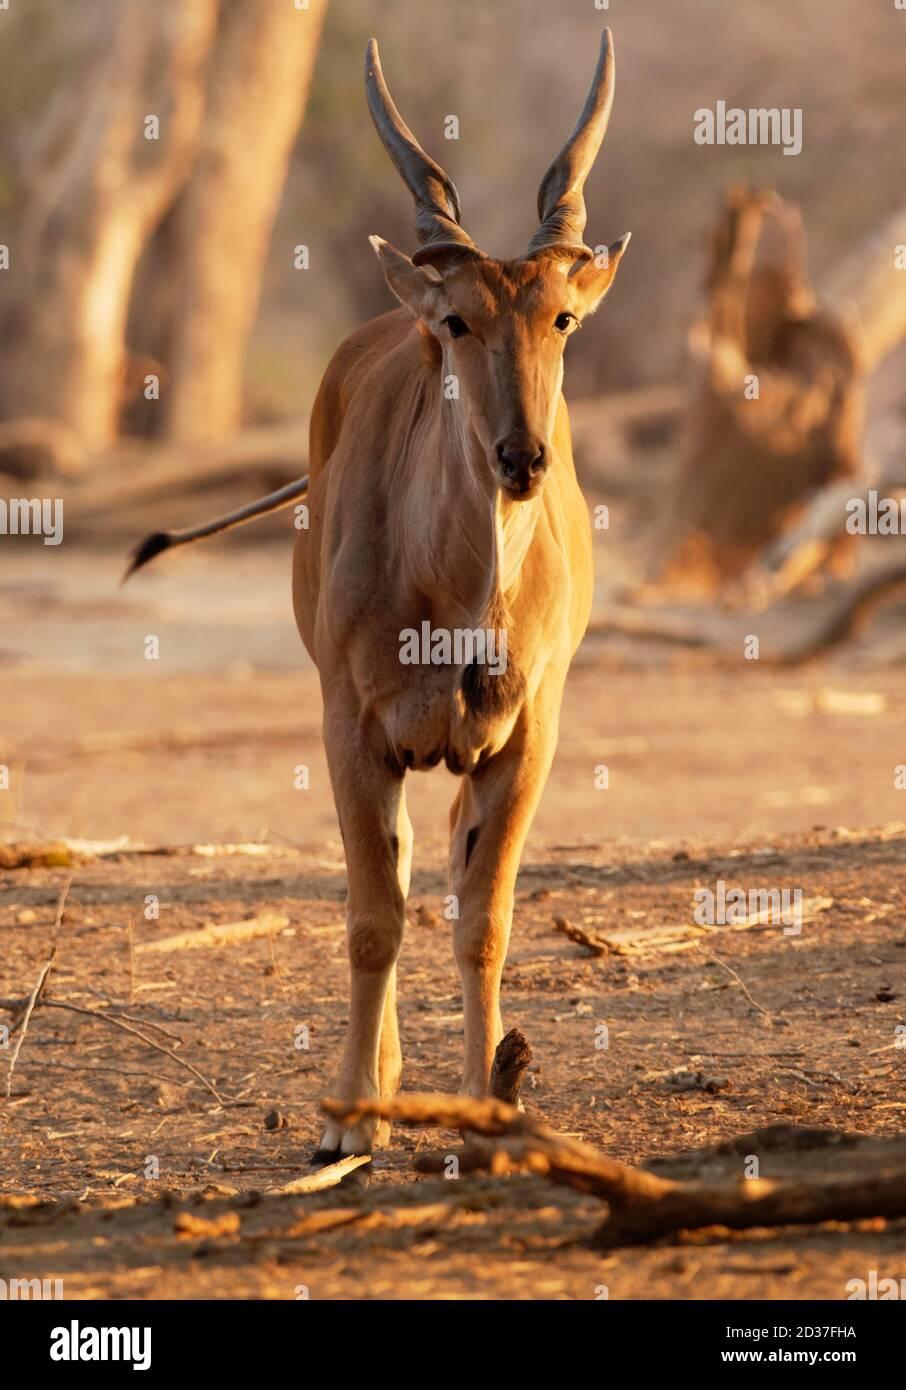 Éland commun - Taurotragus oryx éland du Cap sud de l'éland, l'antilope ou plaines de savane et les antilopes trouvés en Afrique orientale et australe, Bovi Banque D'Images